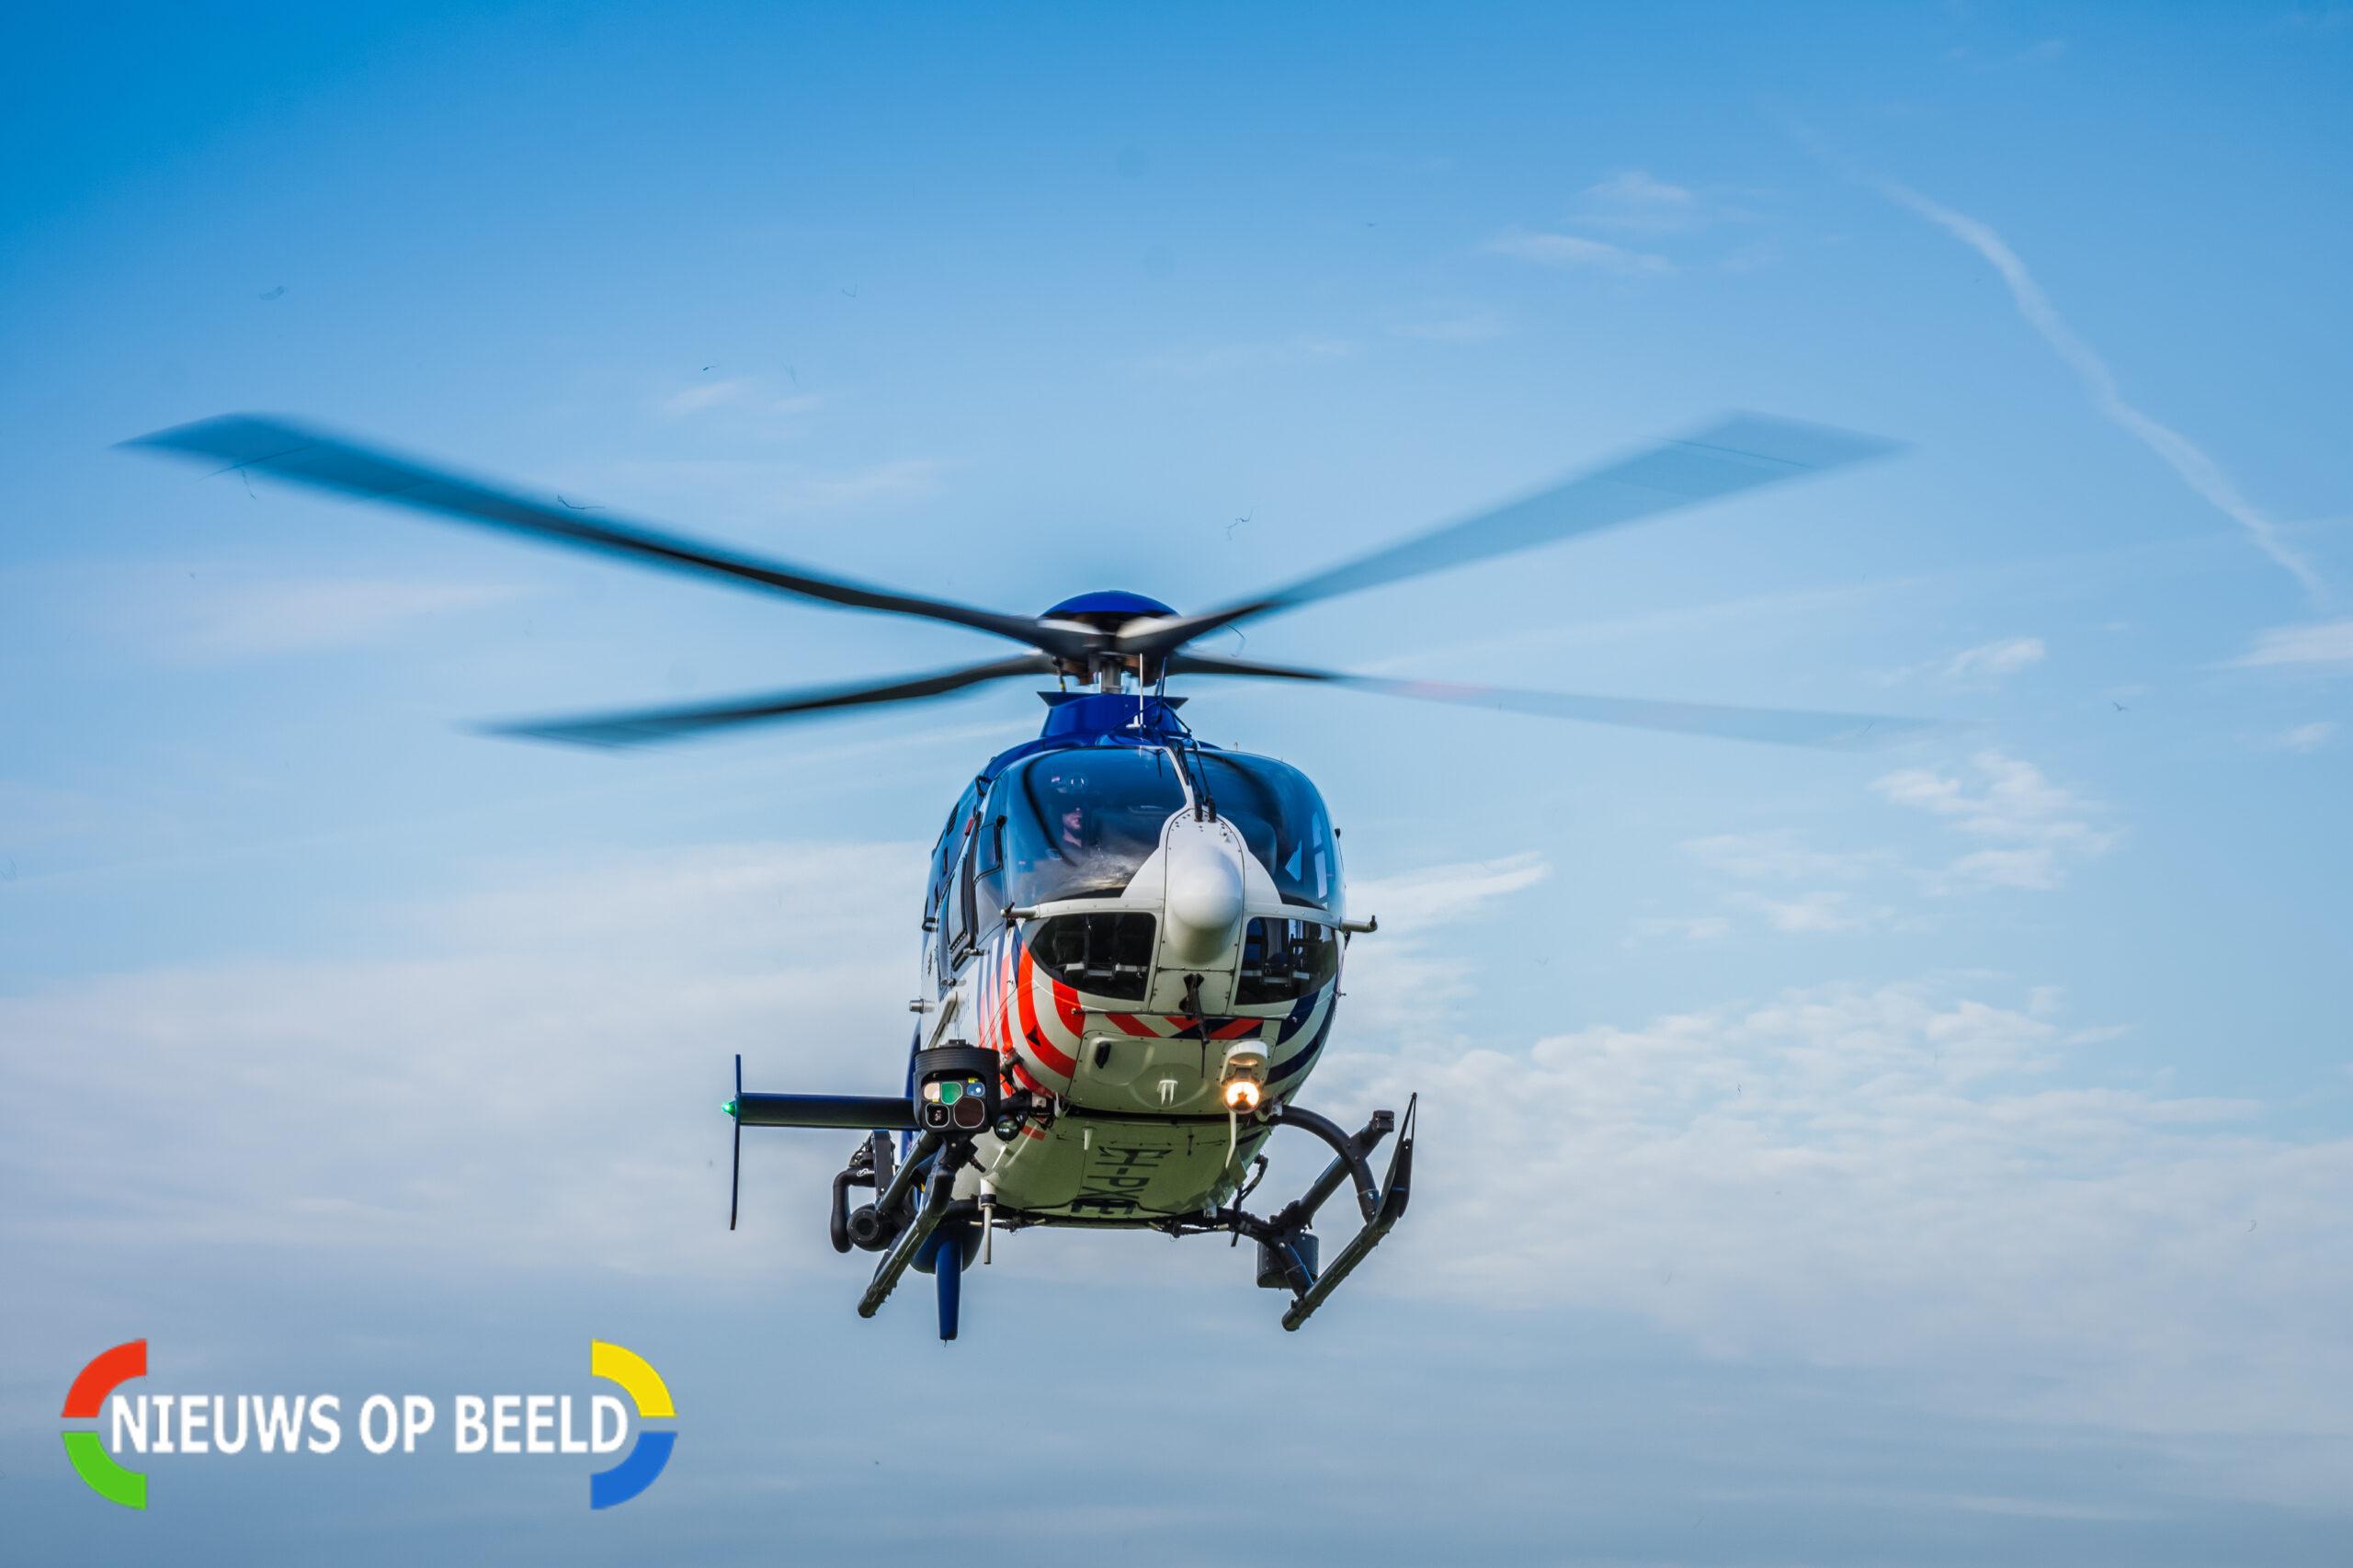 Politiehelikopter zoekt naar inbreker in Zoetermeer